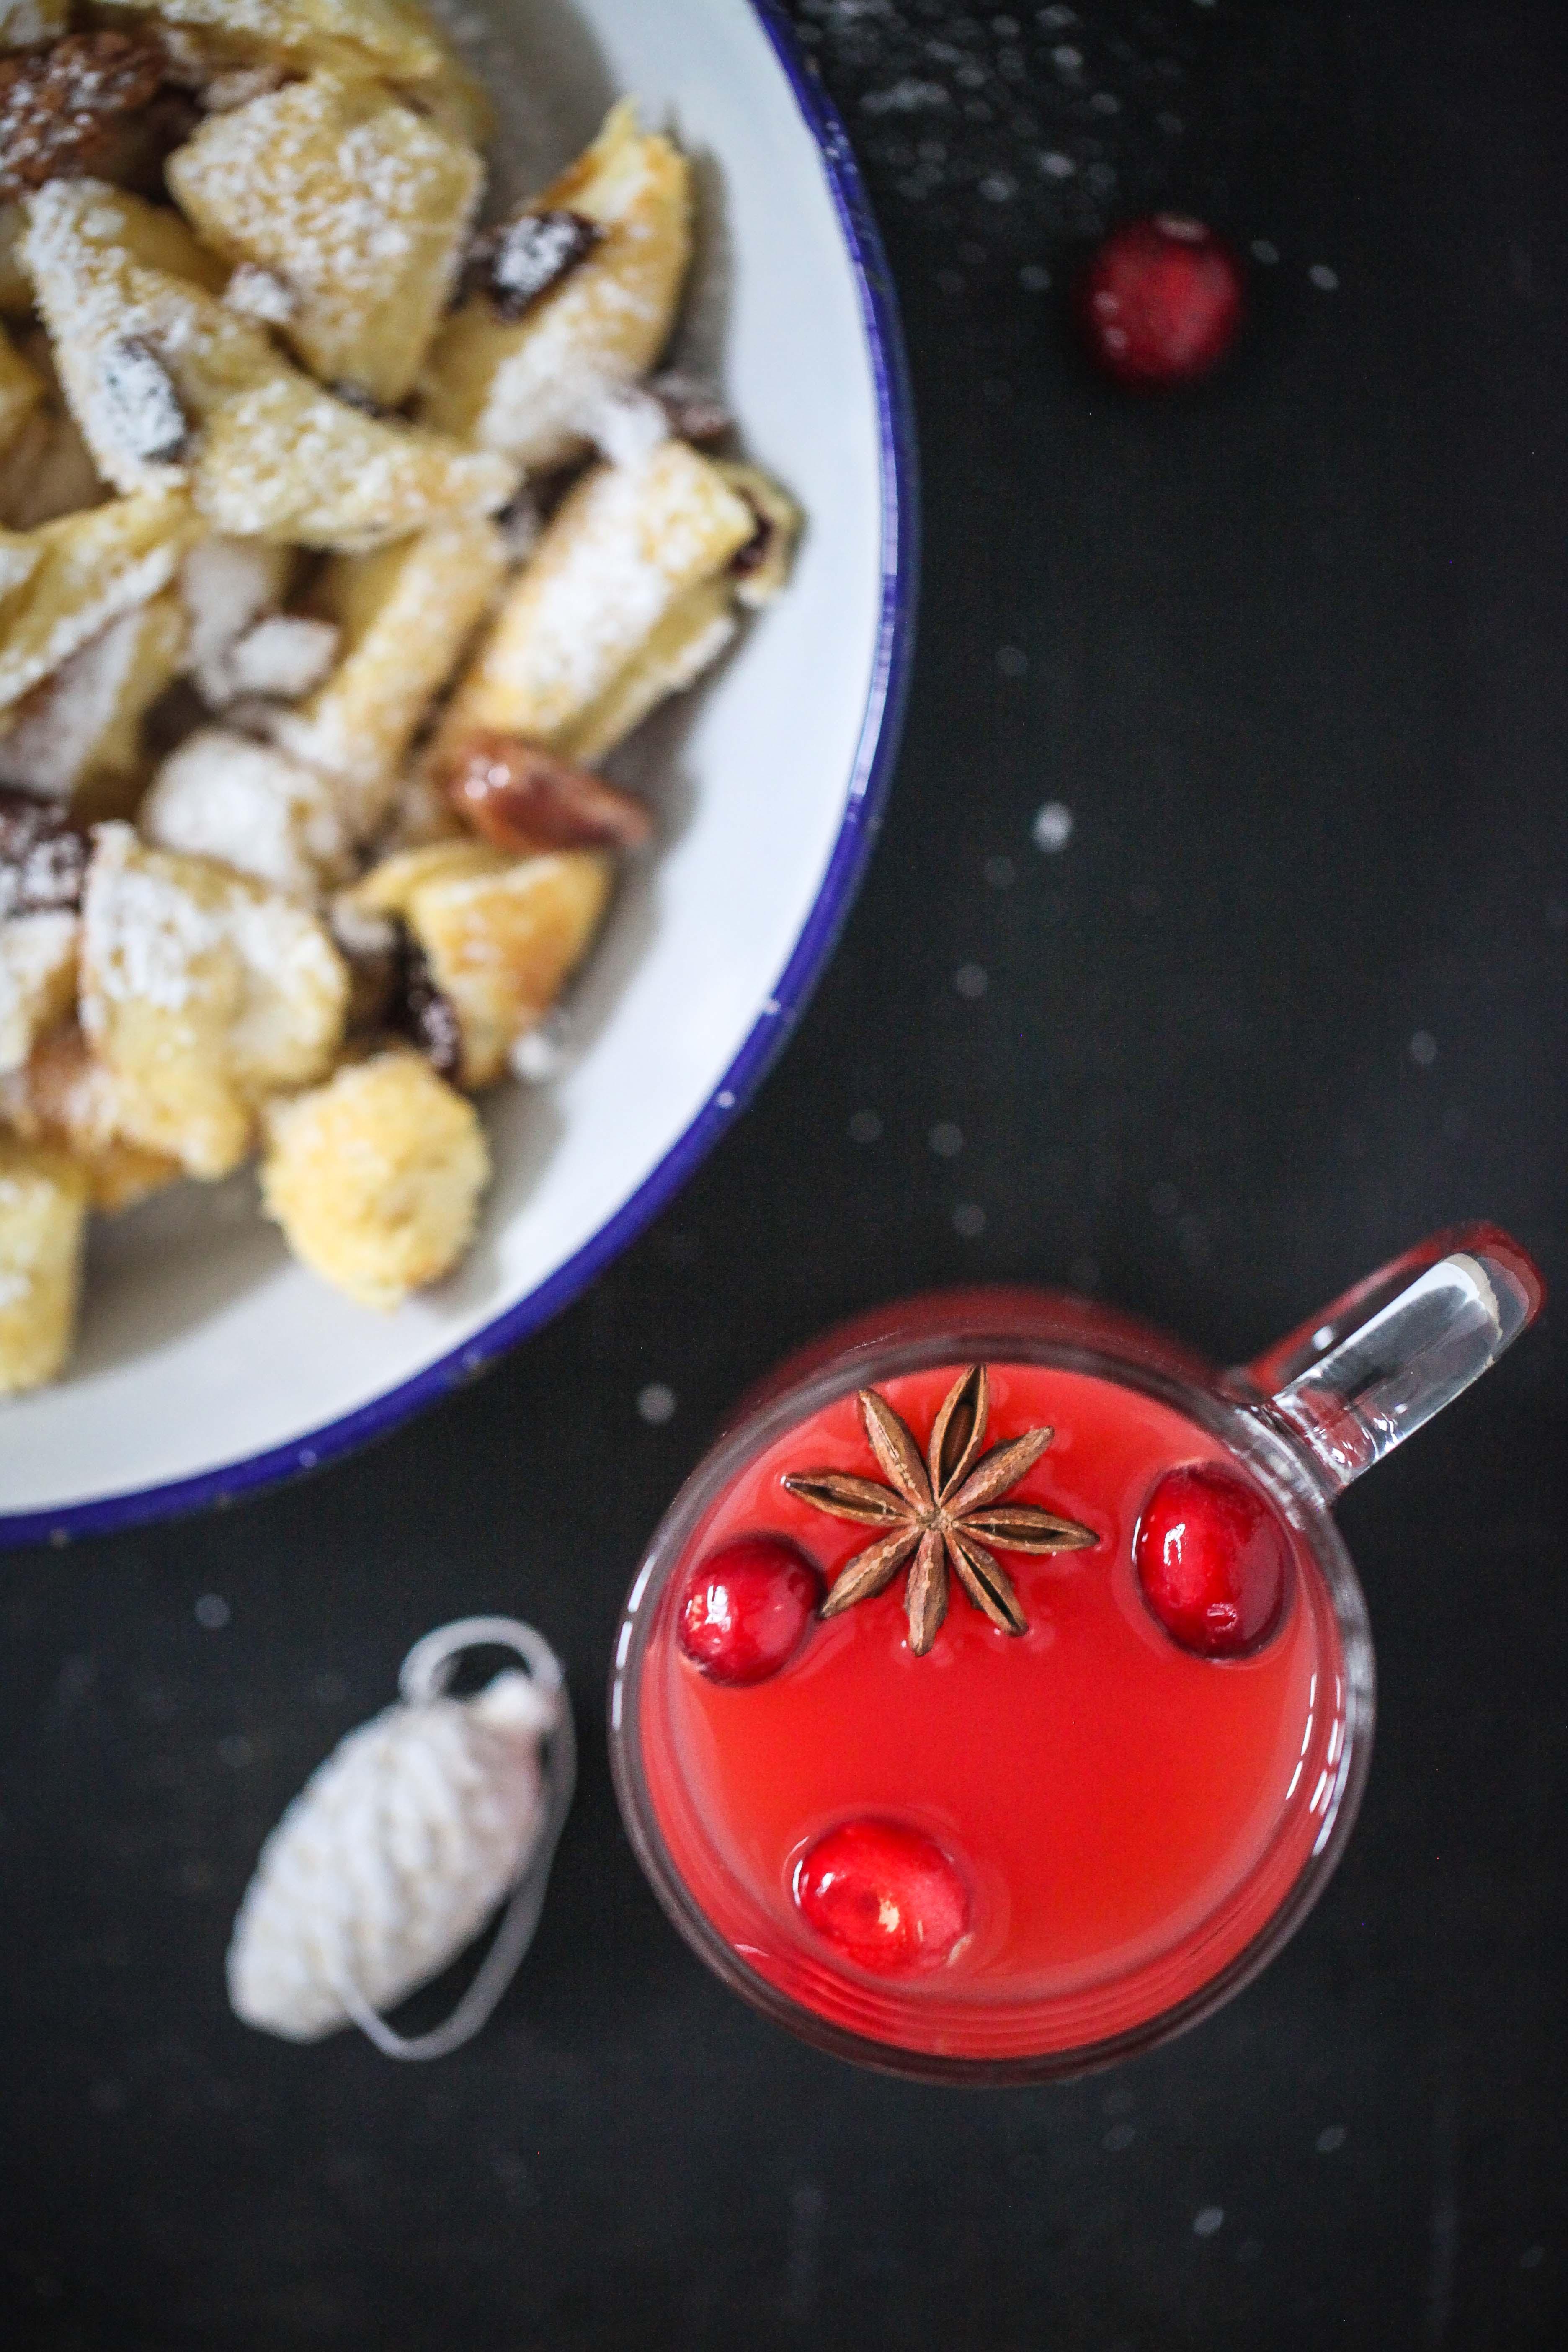 Rezept für Weihnachtsschmarrn Kaiserschmarrn mit Cranberries und gebrannten Mandeln Zuckerzimtundliebe Foodblog Backblog Weihnachtspunsch